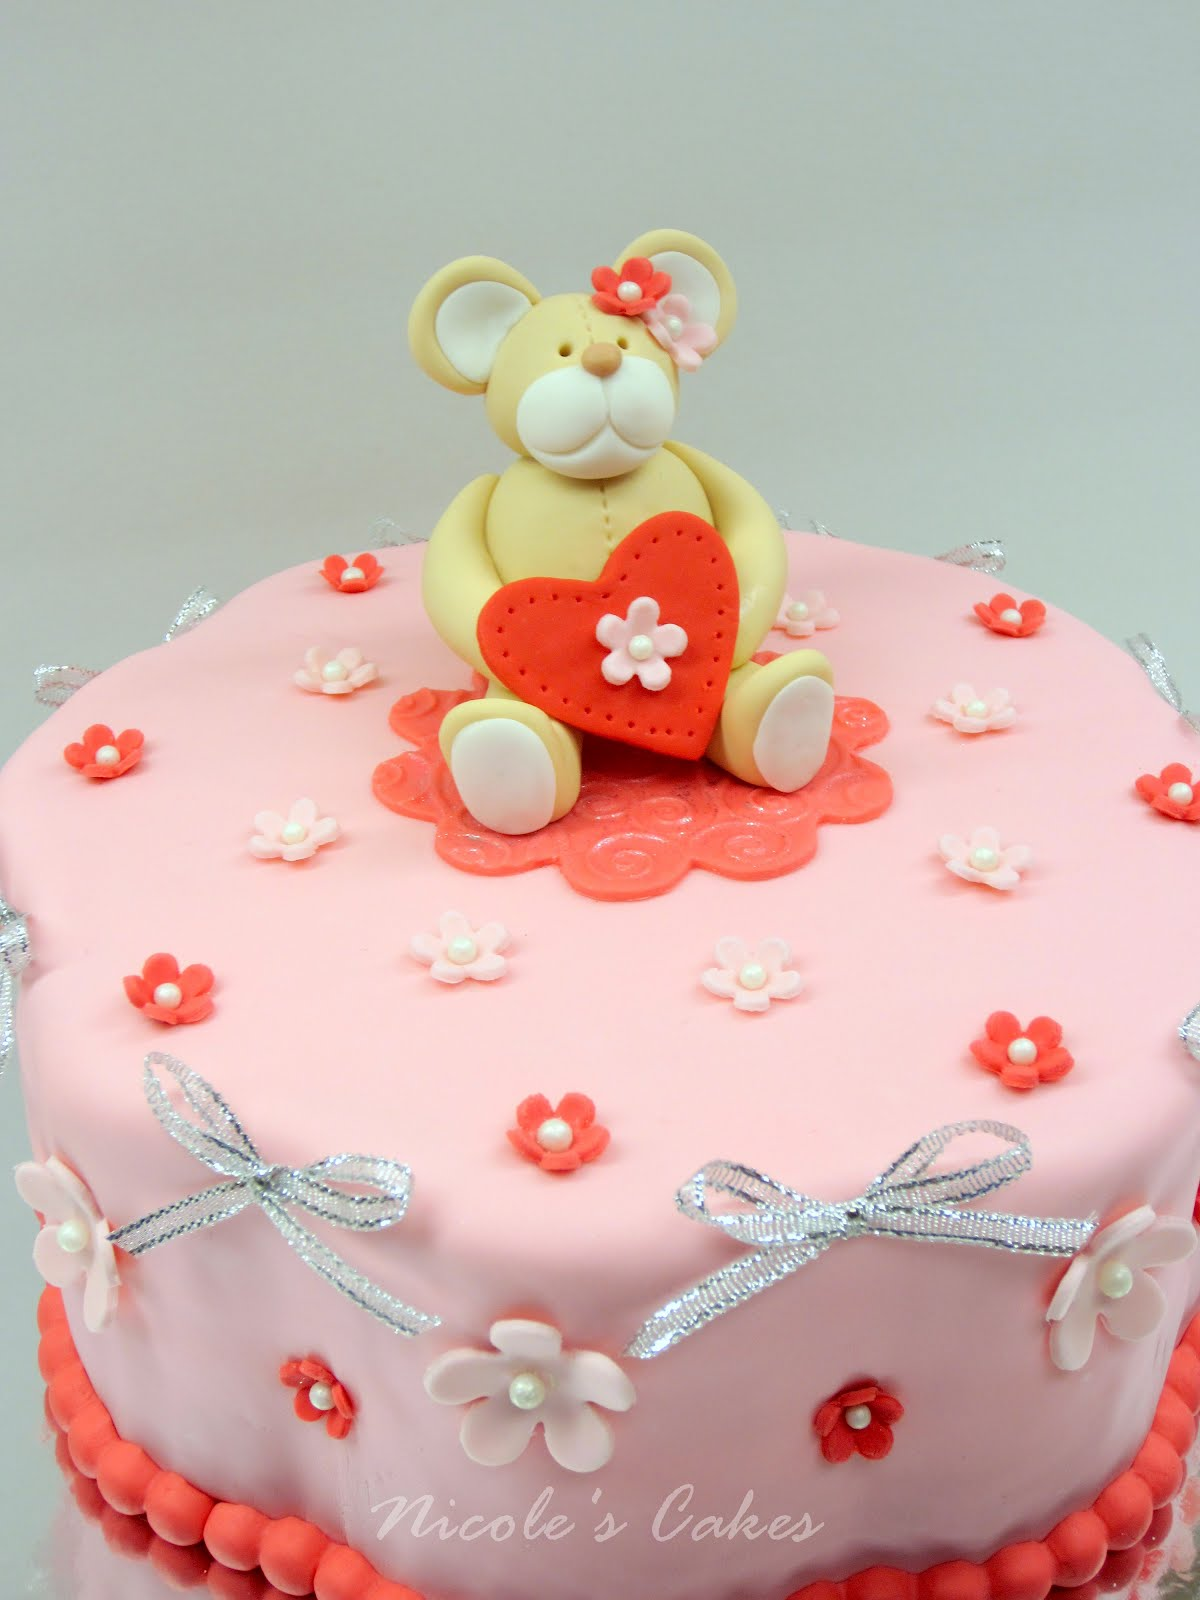 On Birthday Cakes A Valentines Birthday Cake